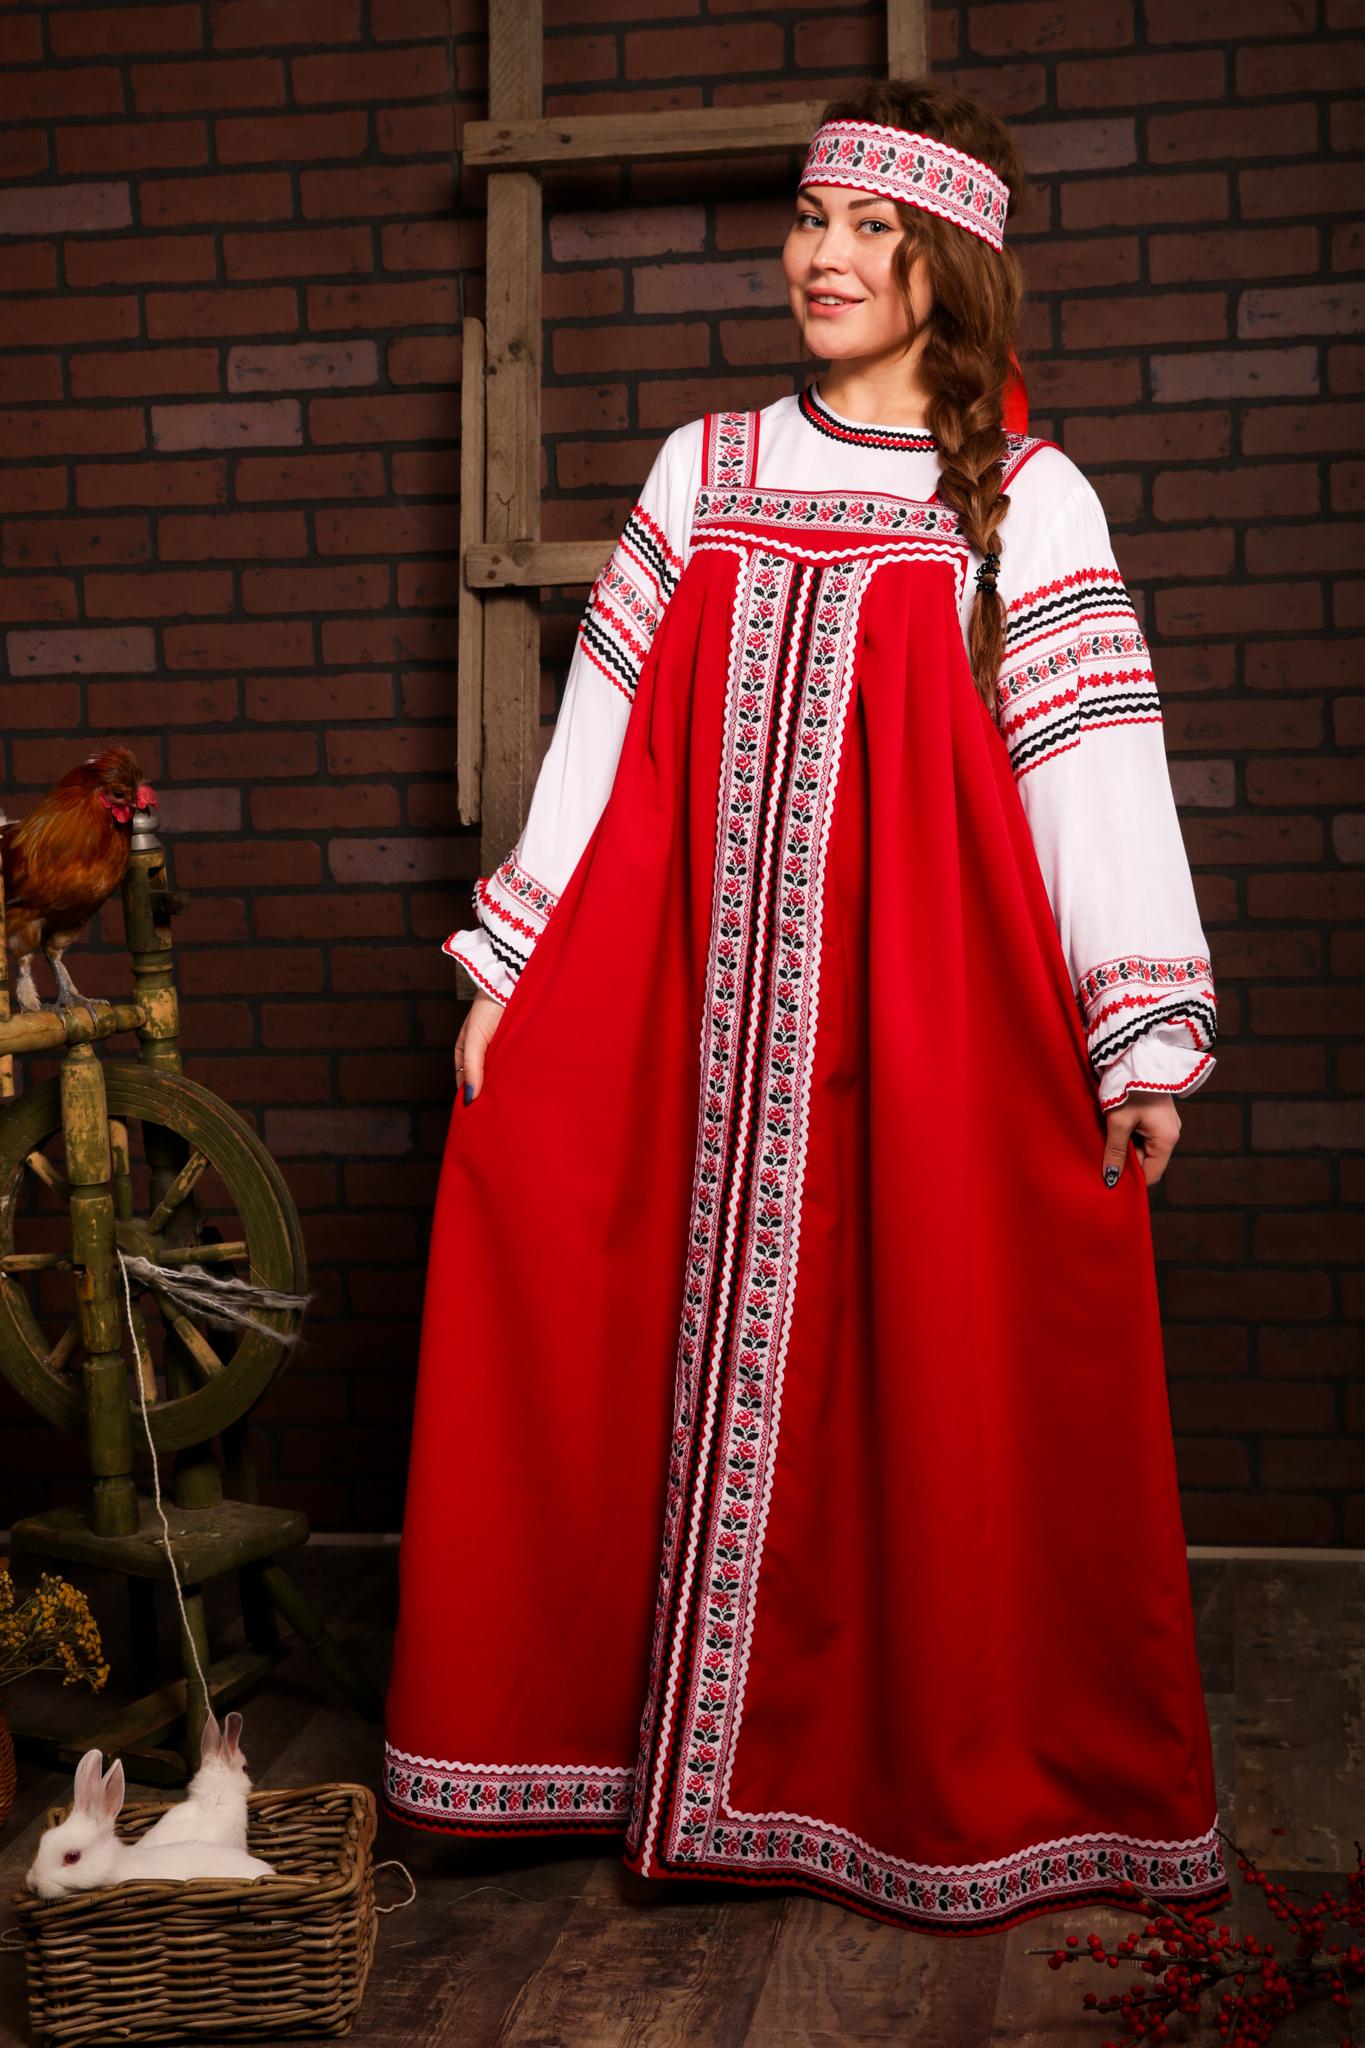 русские традиционные костюмы с орнаментом Иванка